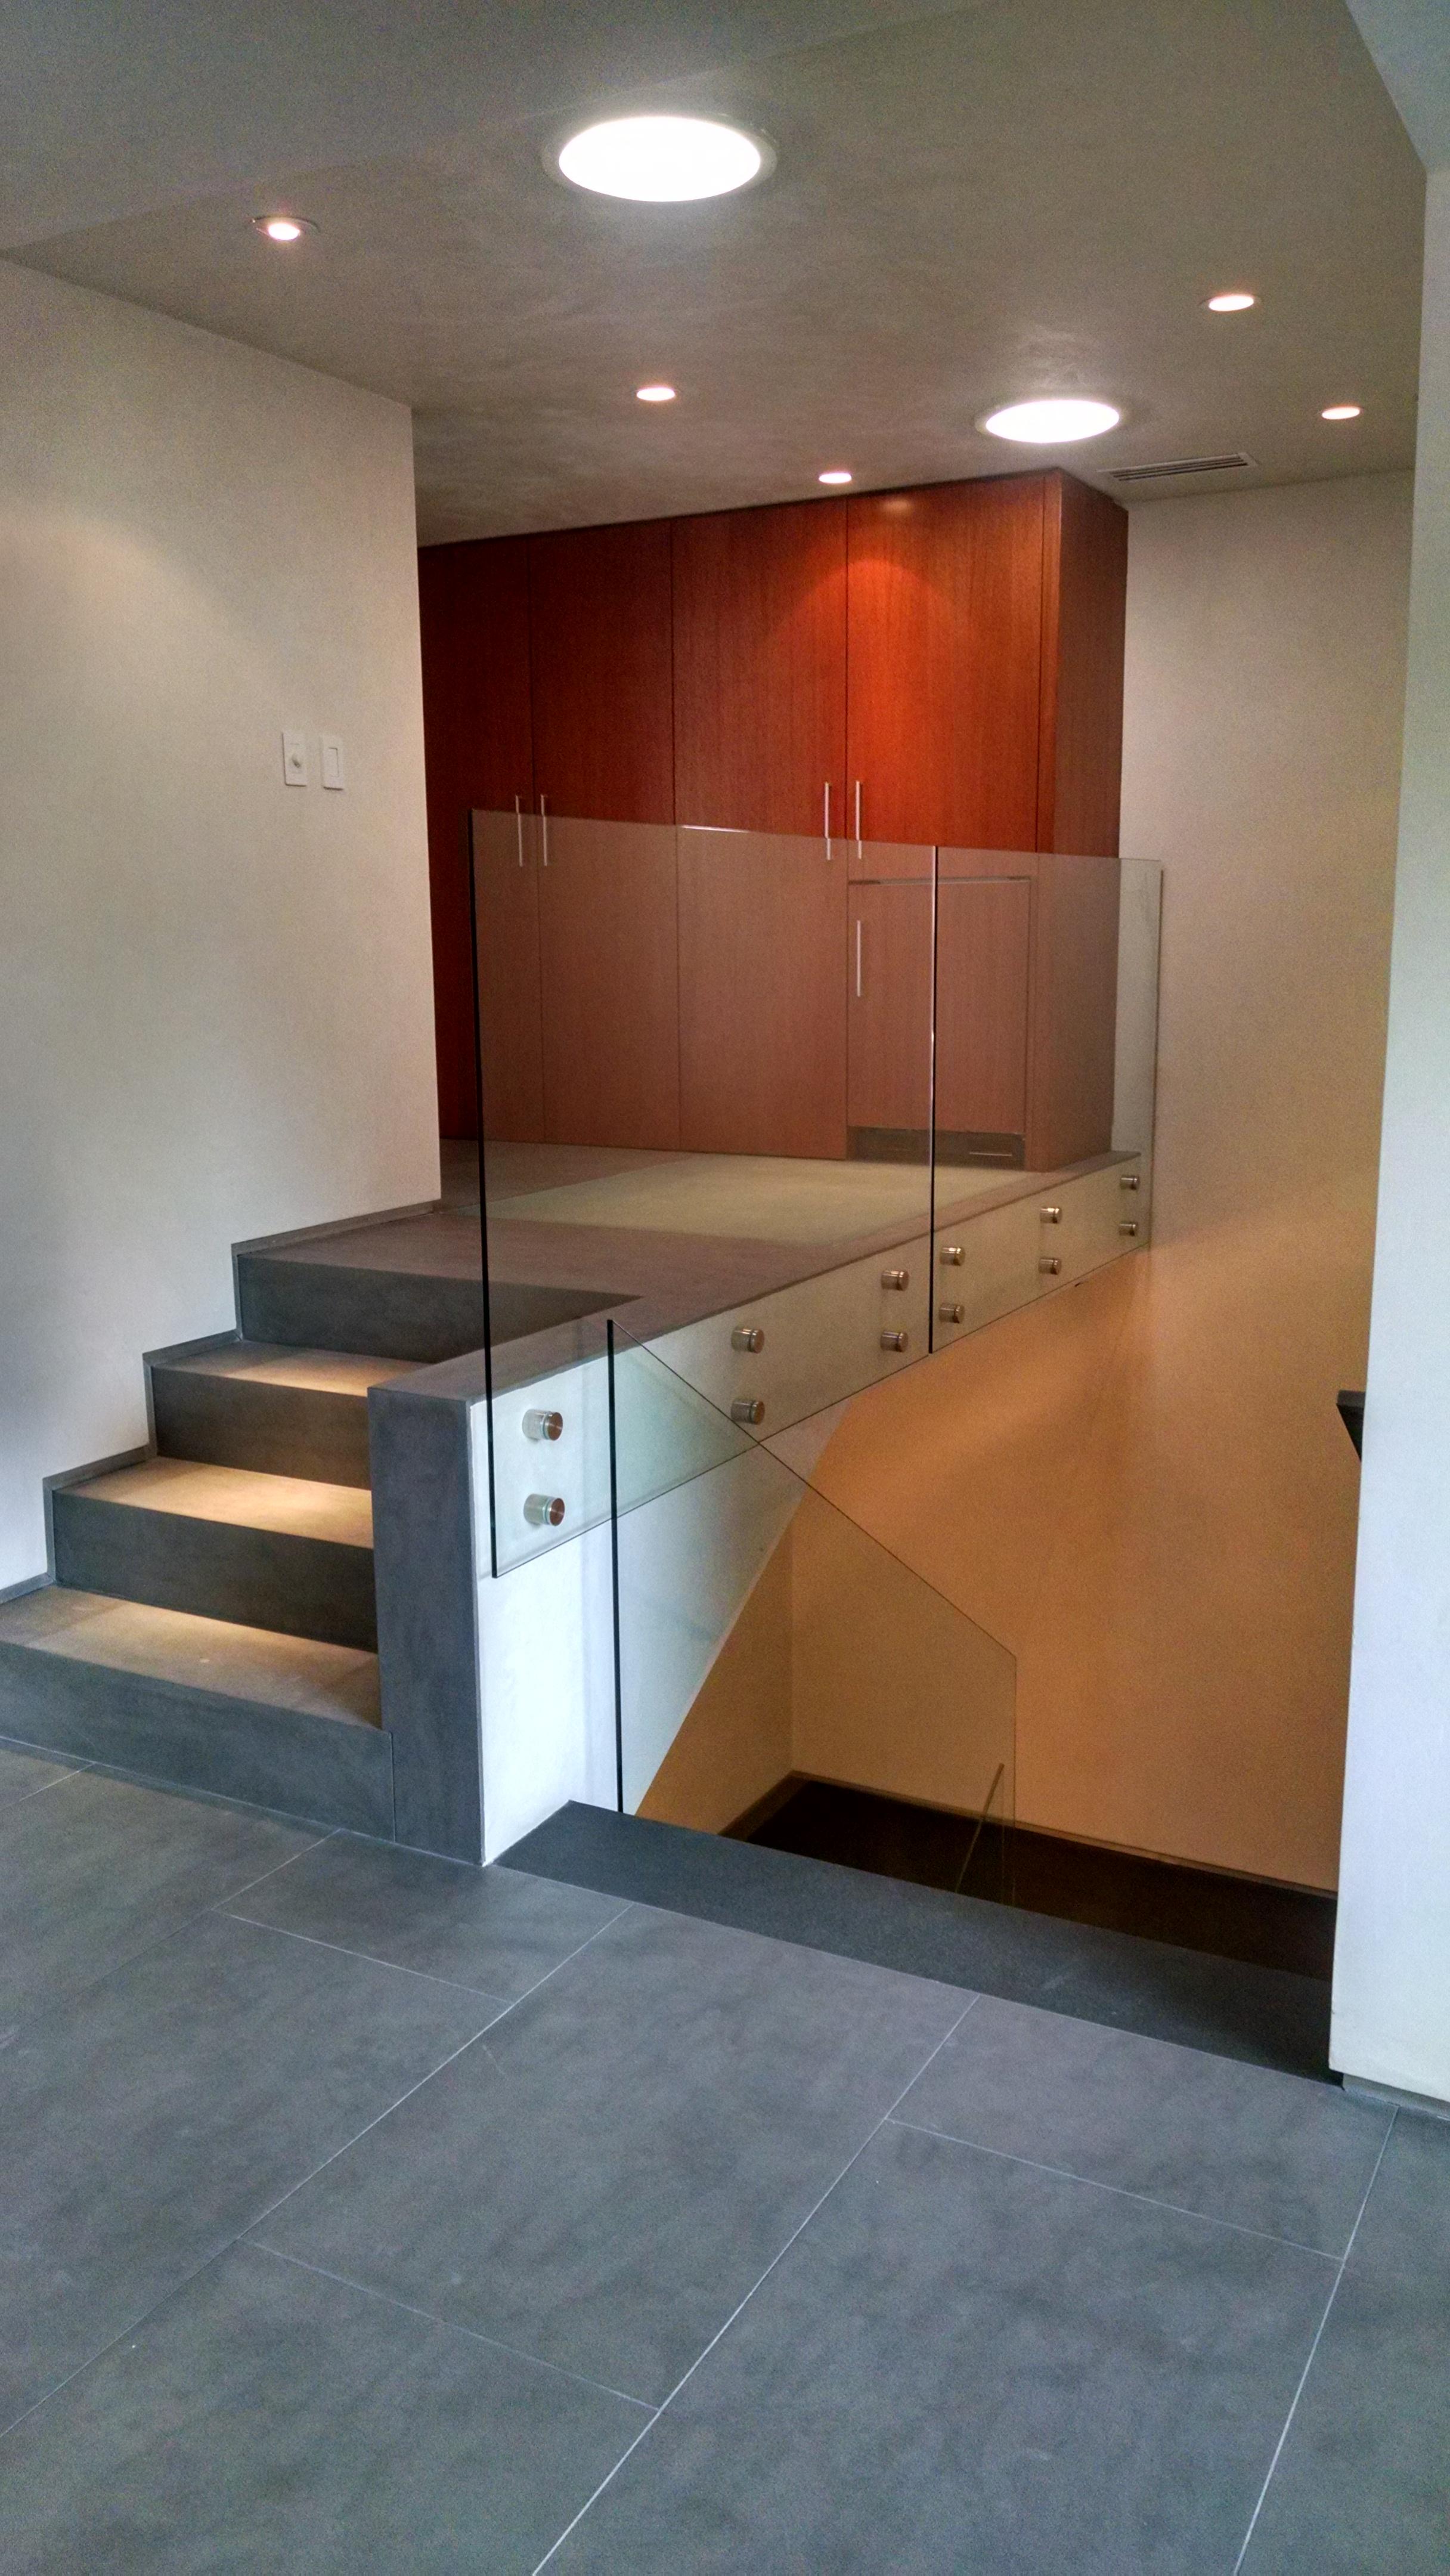 Stairway - Top Floor